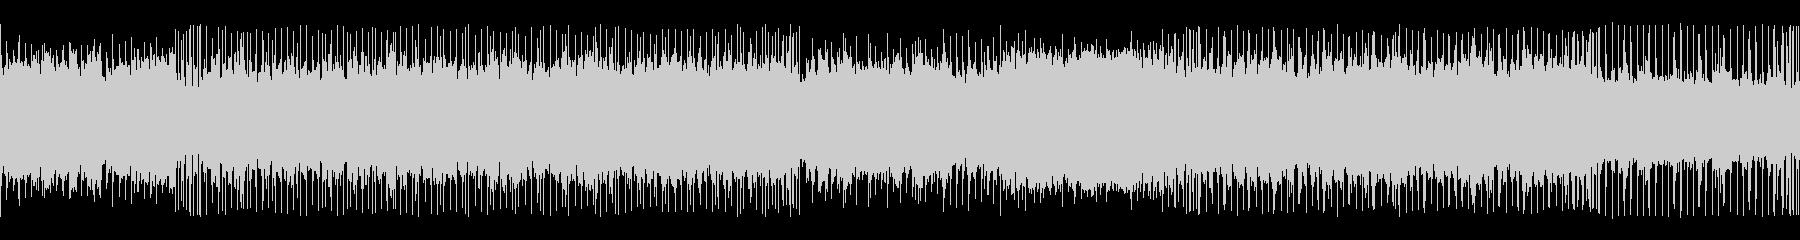 BGM007-01 ピアノ伴奏でブラス…の未再生の波形